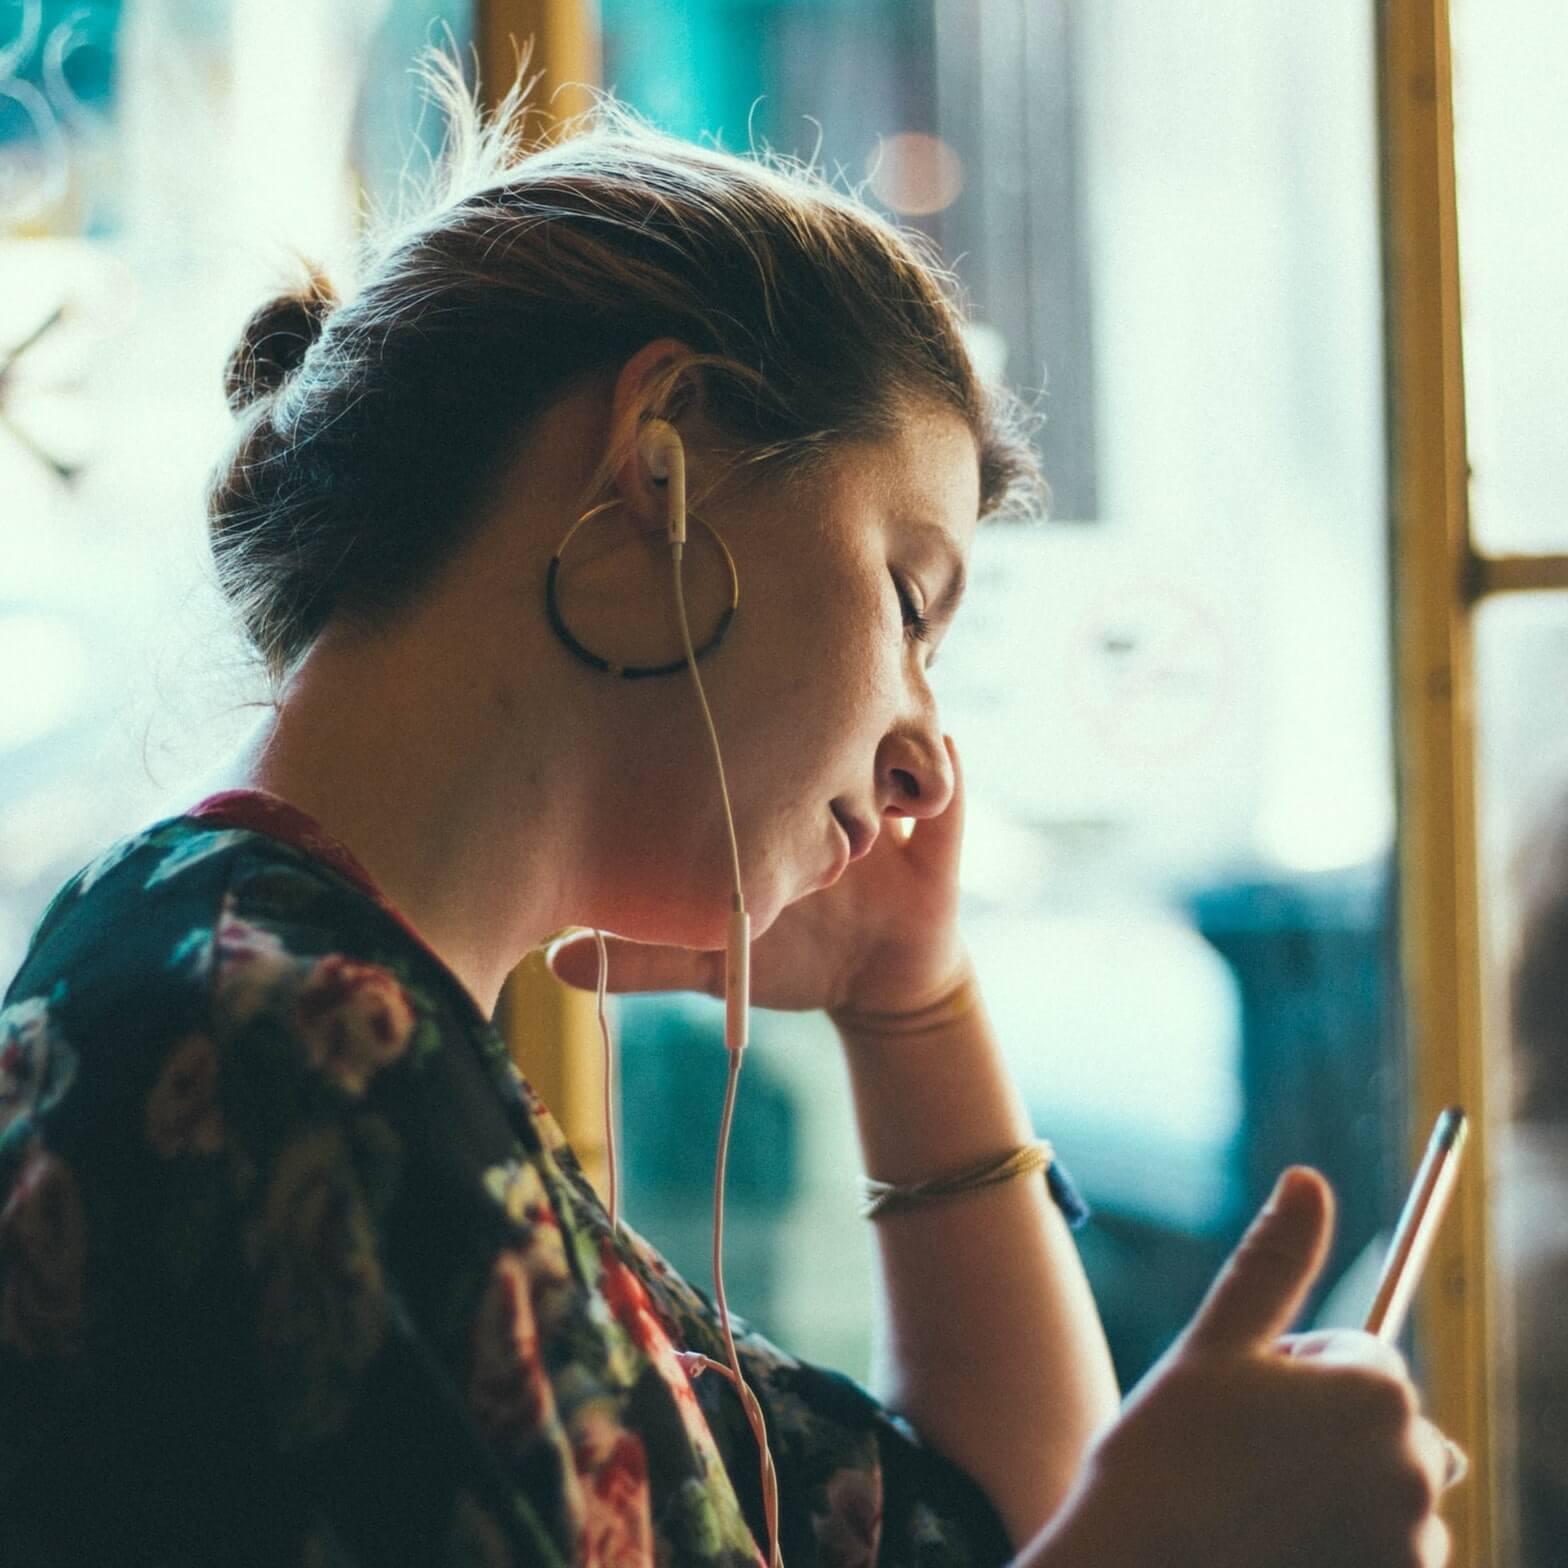 Nainen kuuntelemassa miksausta kuulokkeilla